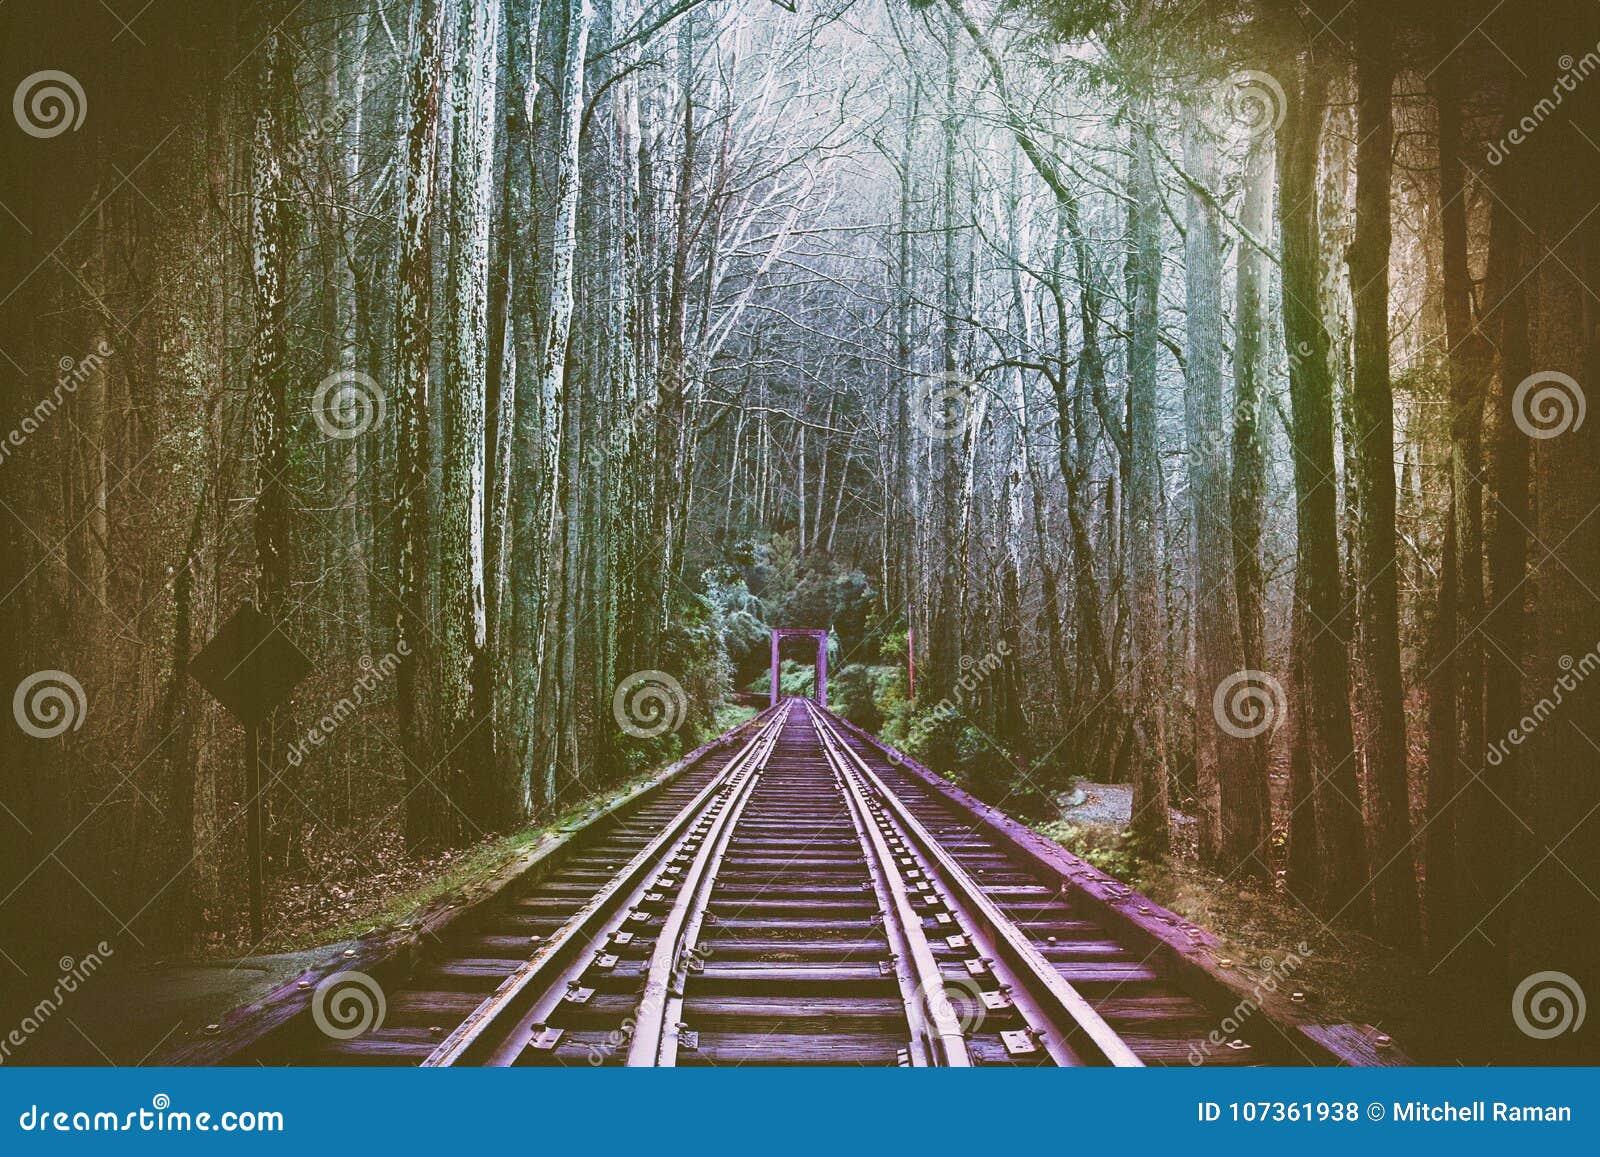 Fotografia abstrata da perspectiva de ferrovias do trem na floresta